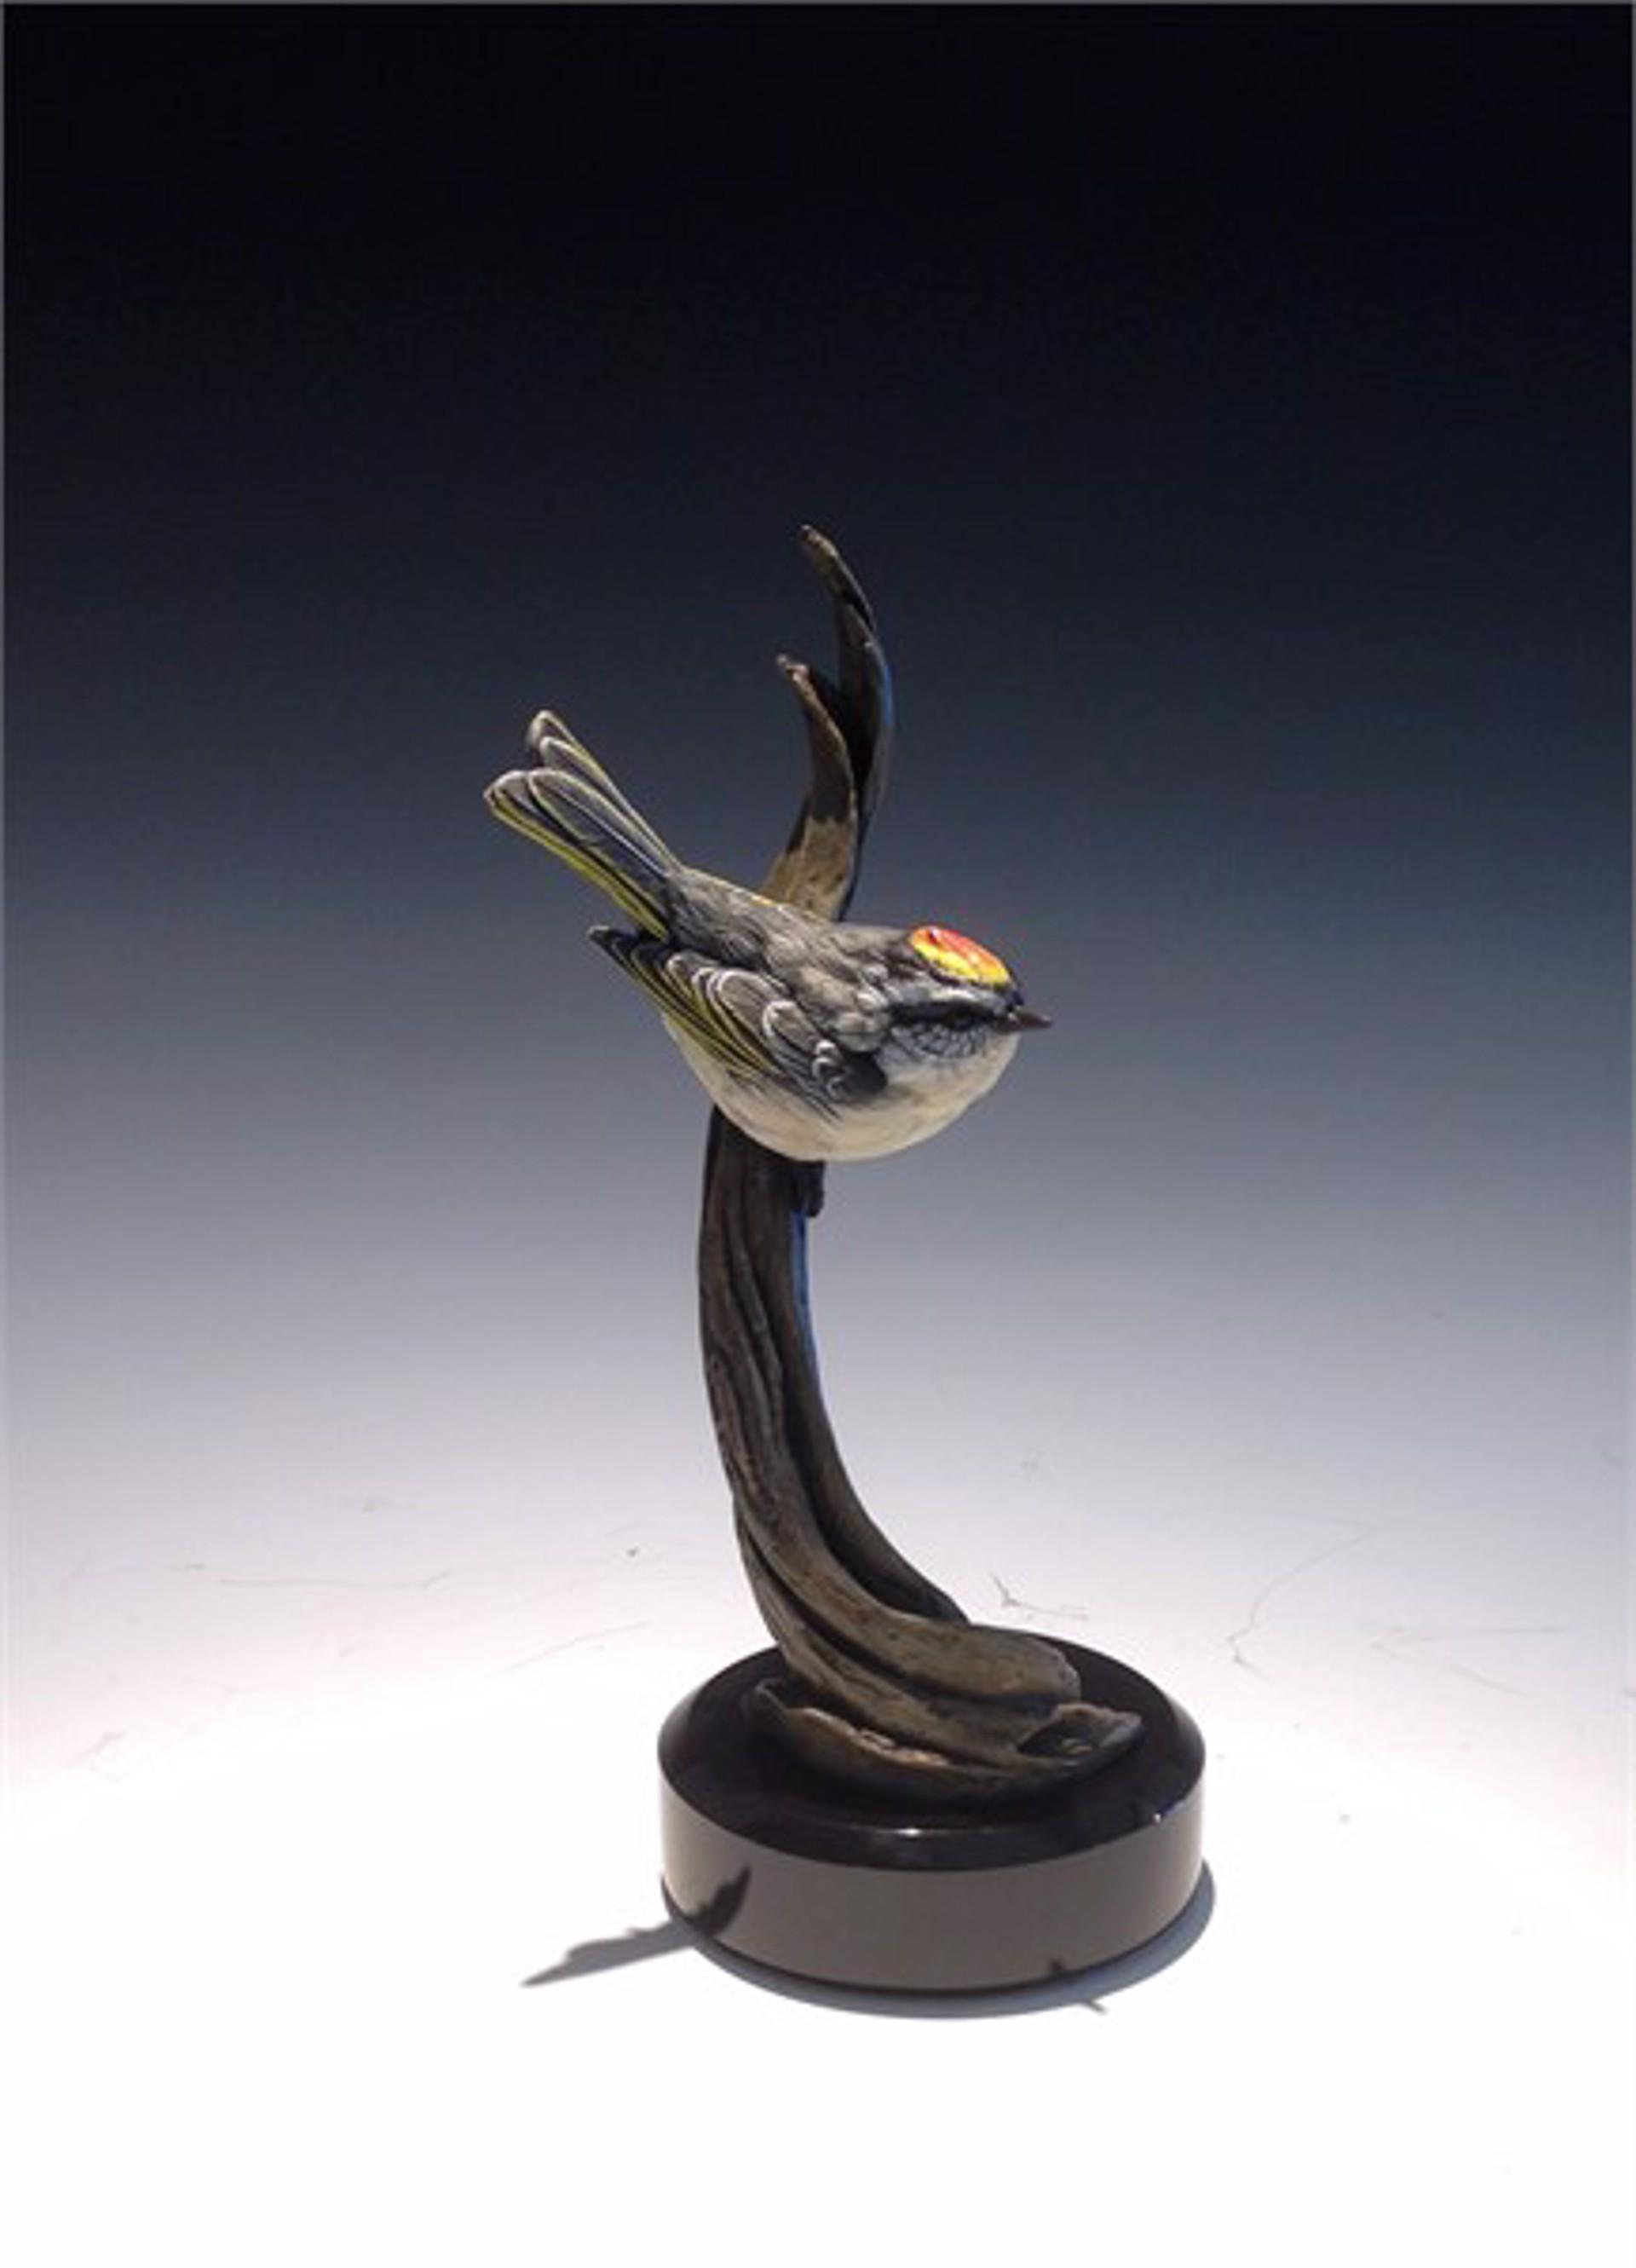 Golden Crowned Kinglet by Eugene Morelli